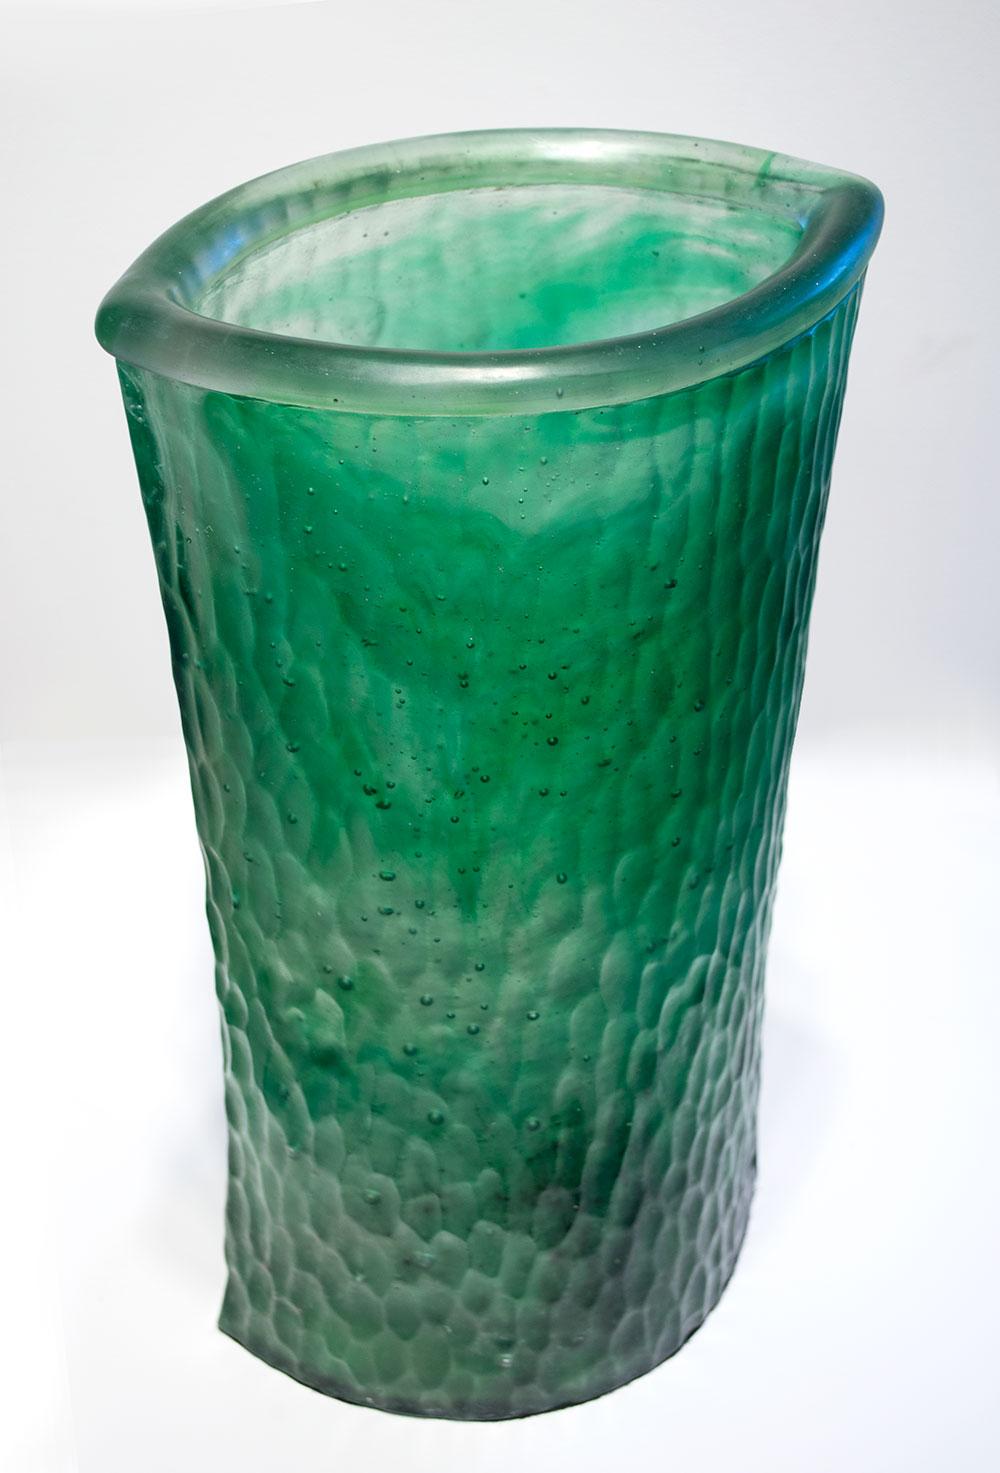 glasssculpture1.jpg